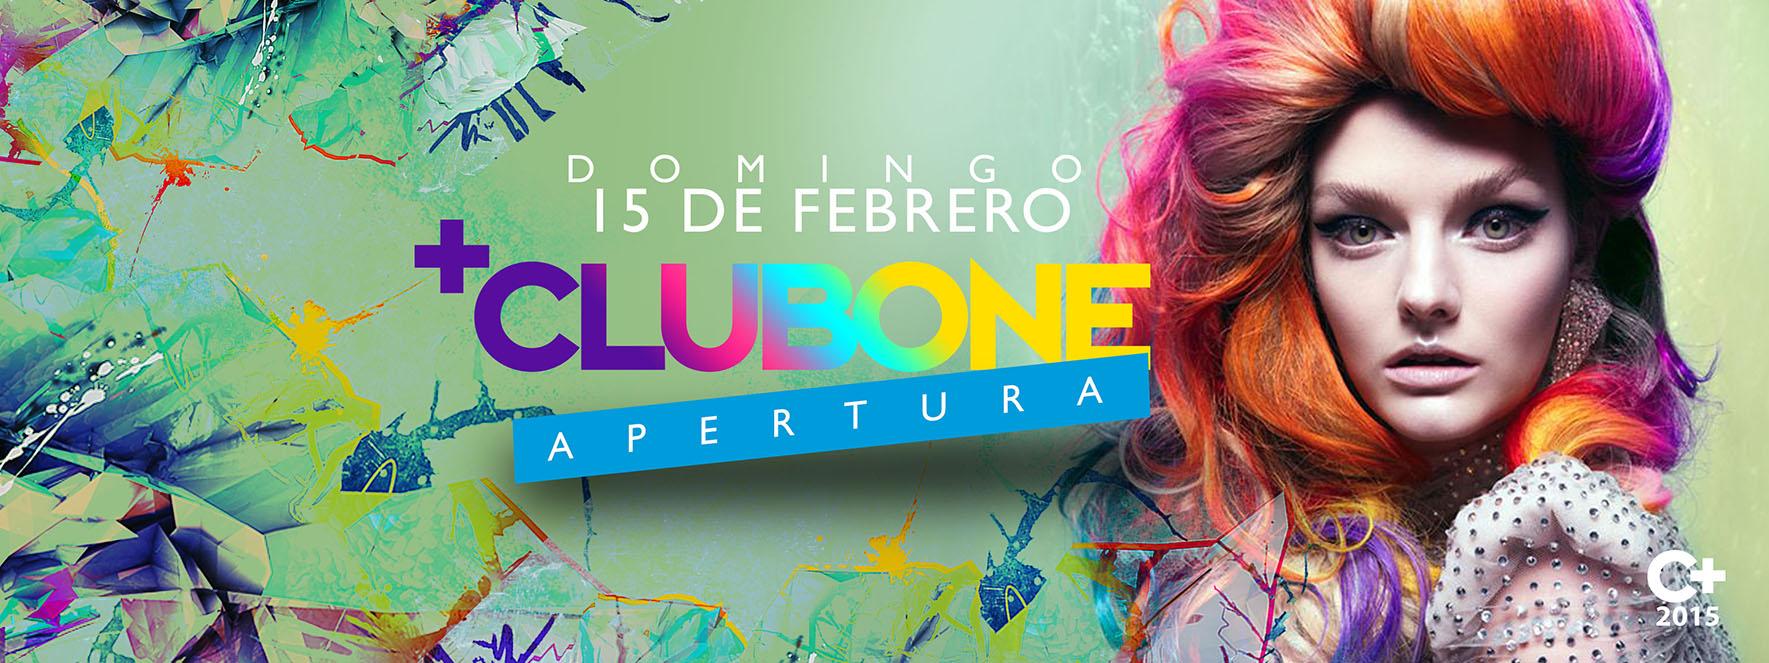 Club one 15 02